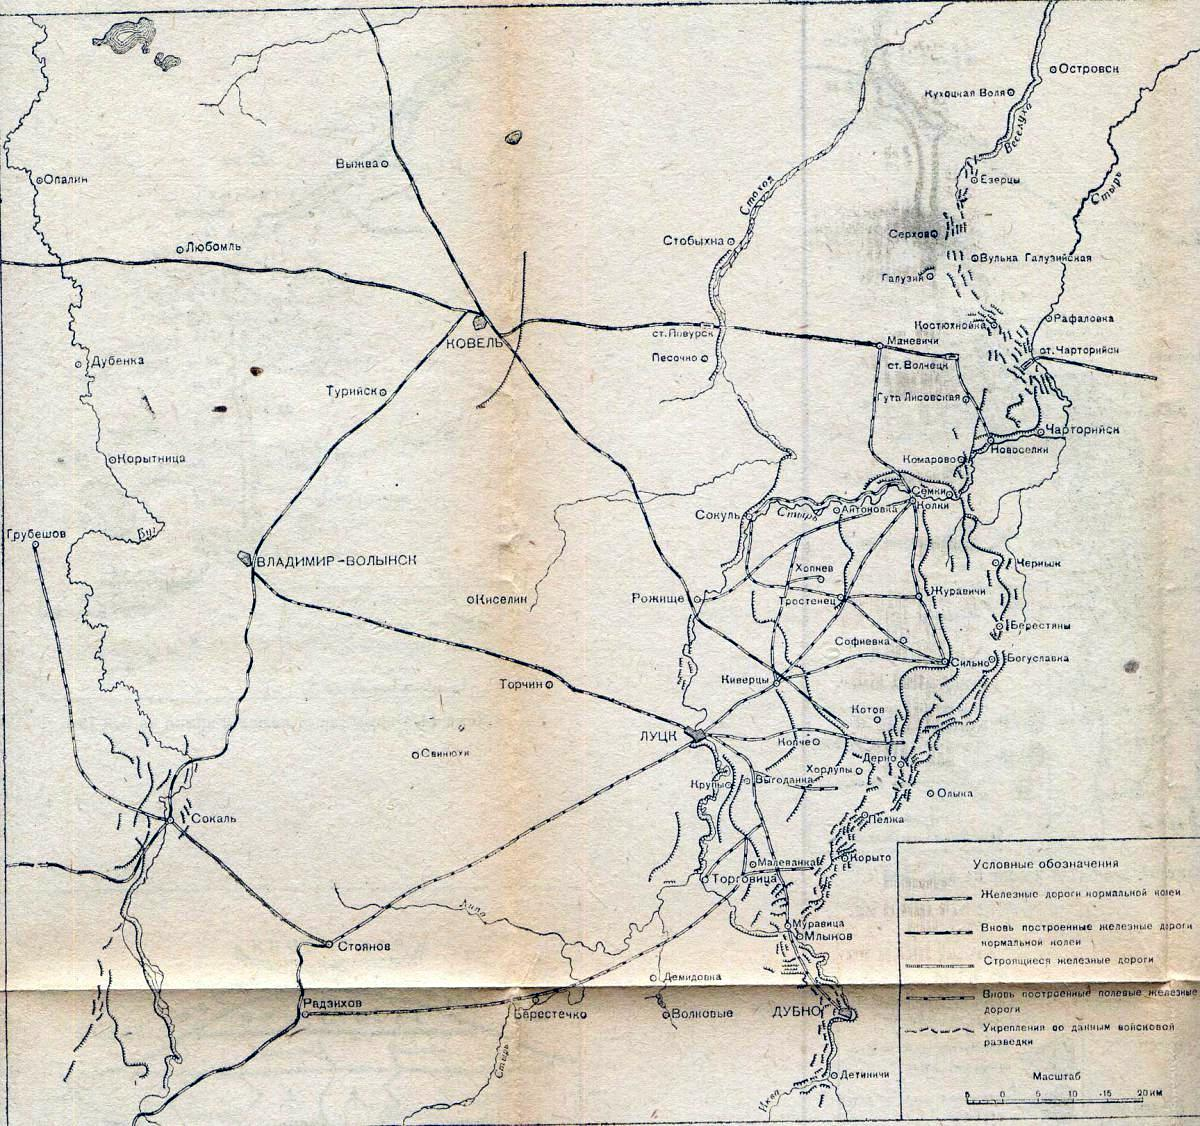 Карта военно-полевых узкоколейных железных дорог